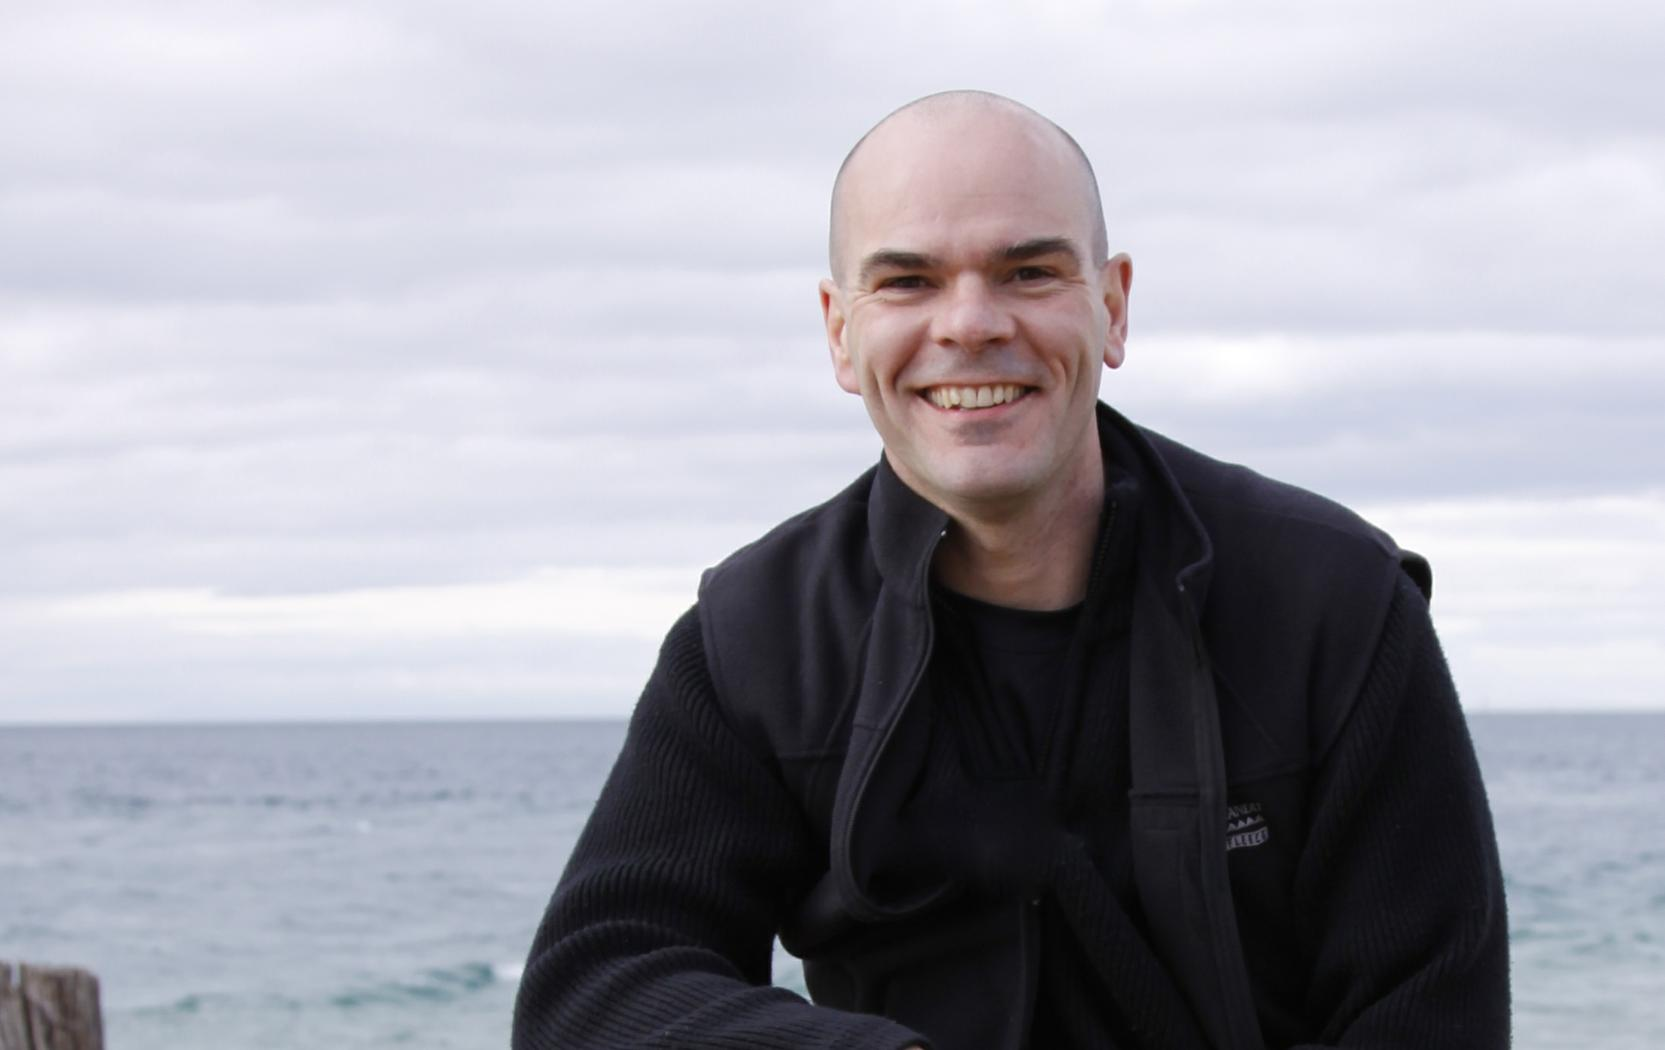 Geoff Lawyer